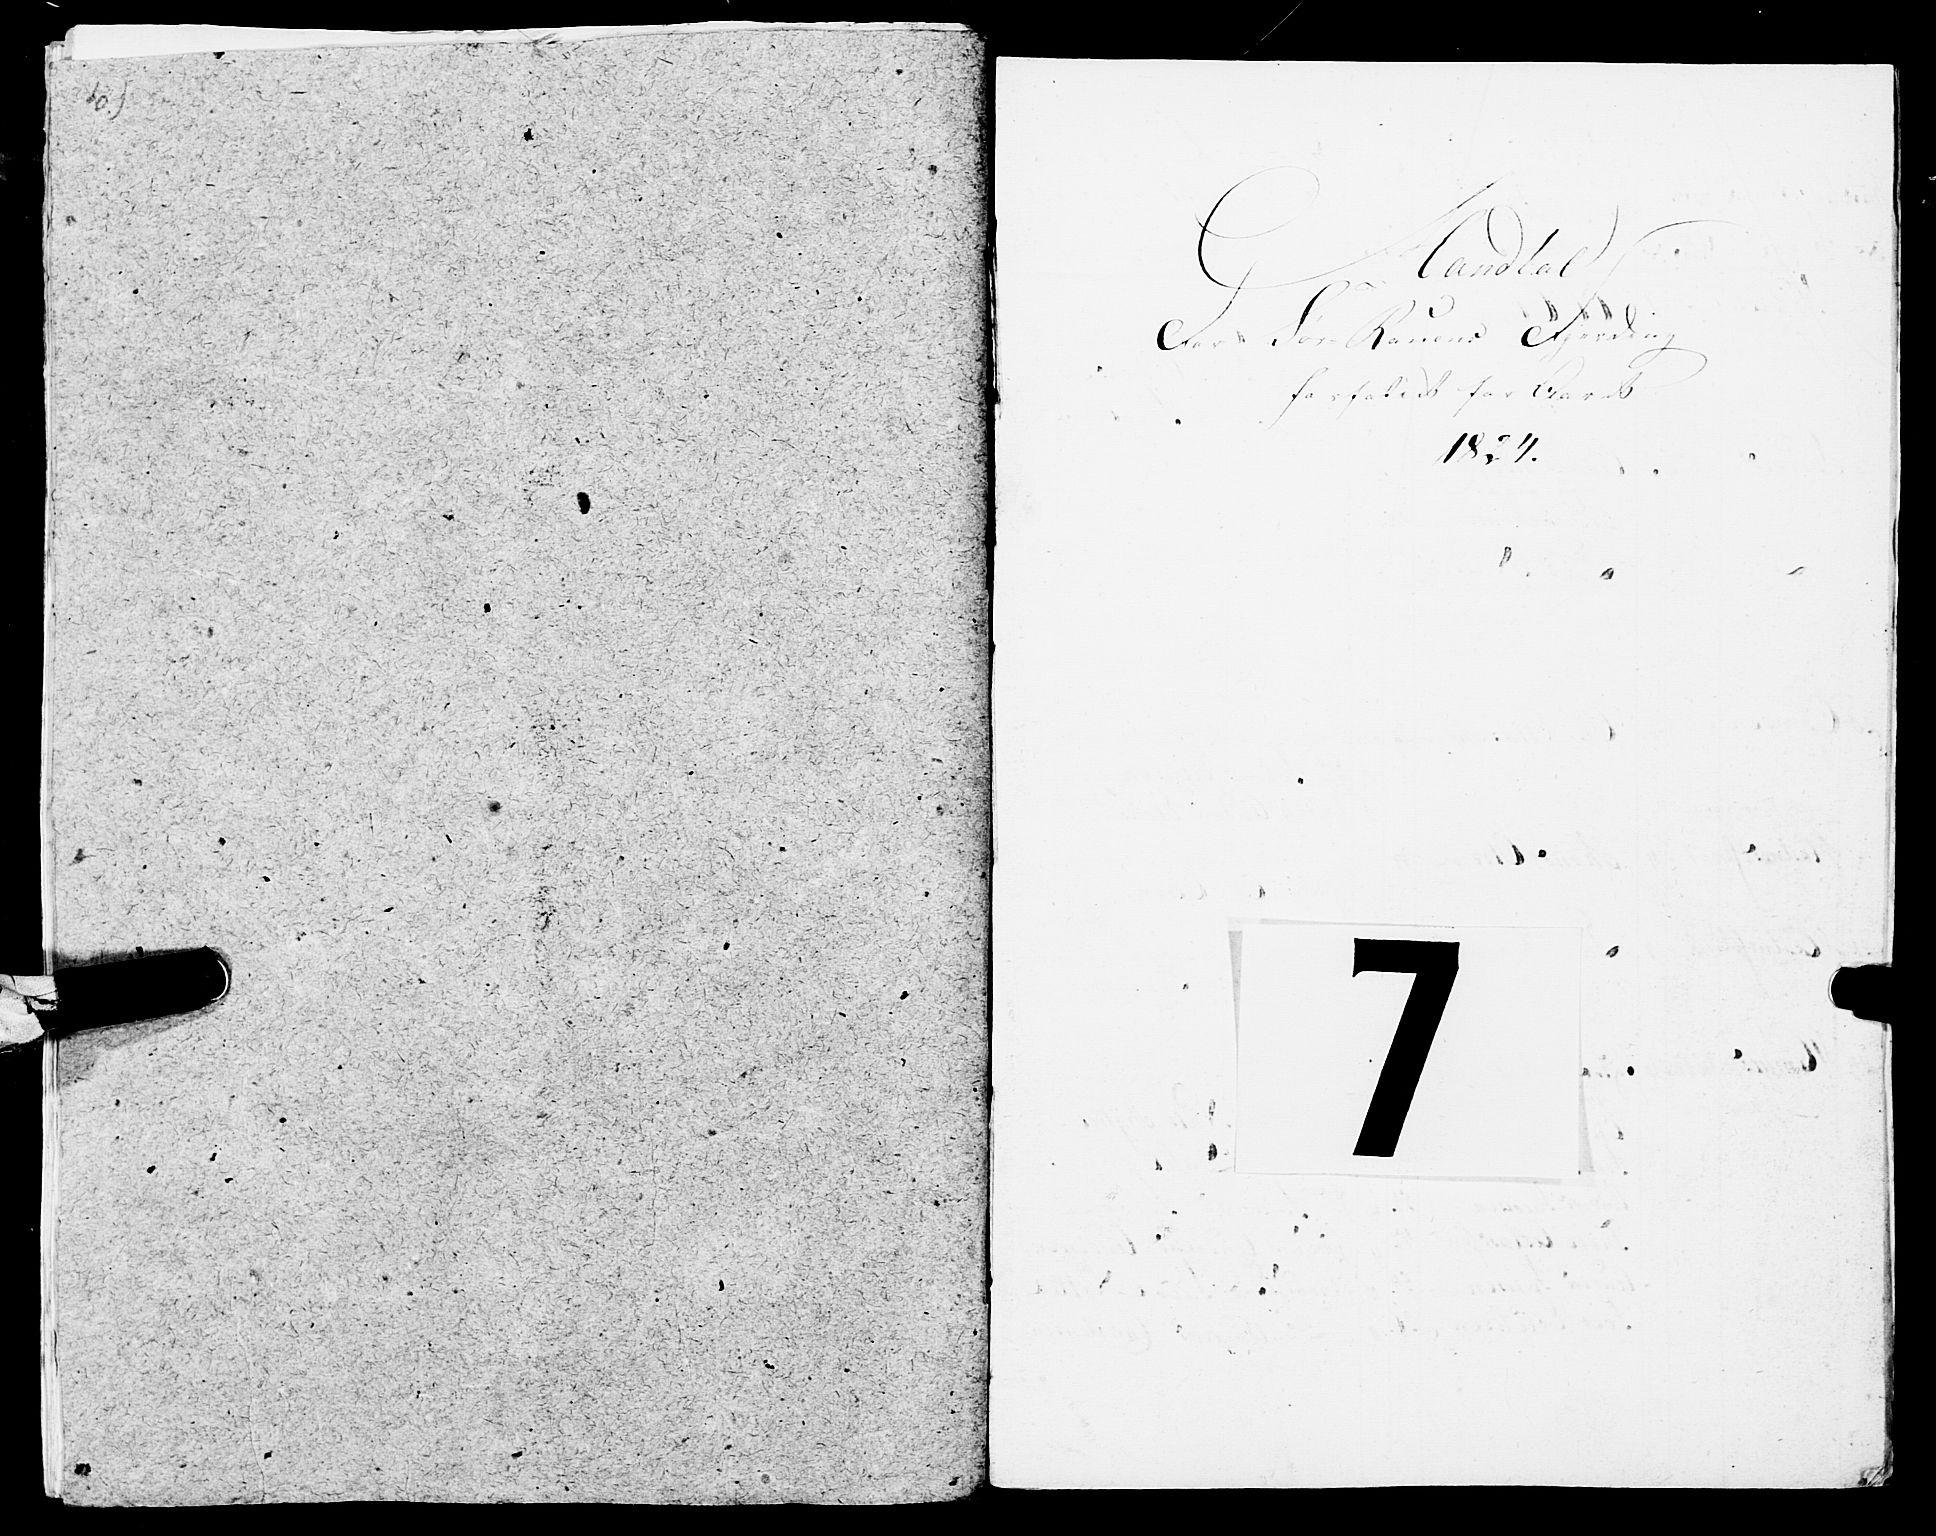 SAT, Fylkesmannen i Nordland, R/RA/L0013: Innrulleringsmanntall for Hemnes (Sør-Rana), 1809-1835, s. 169